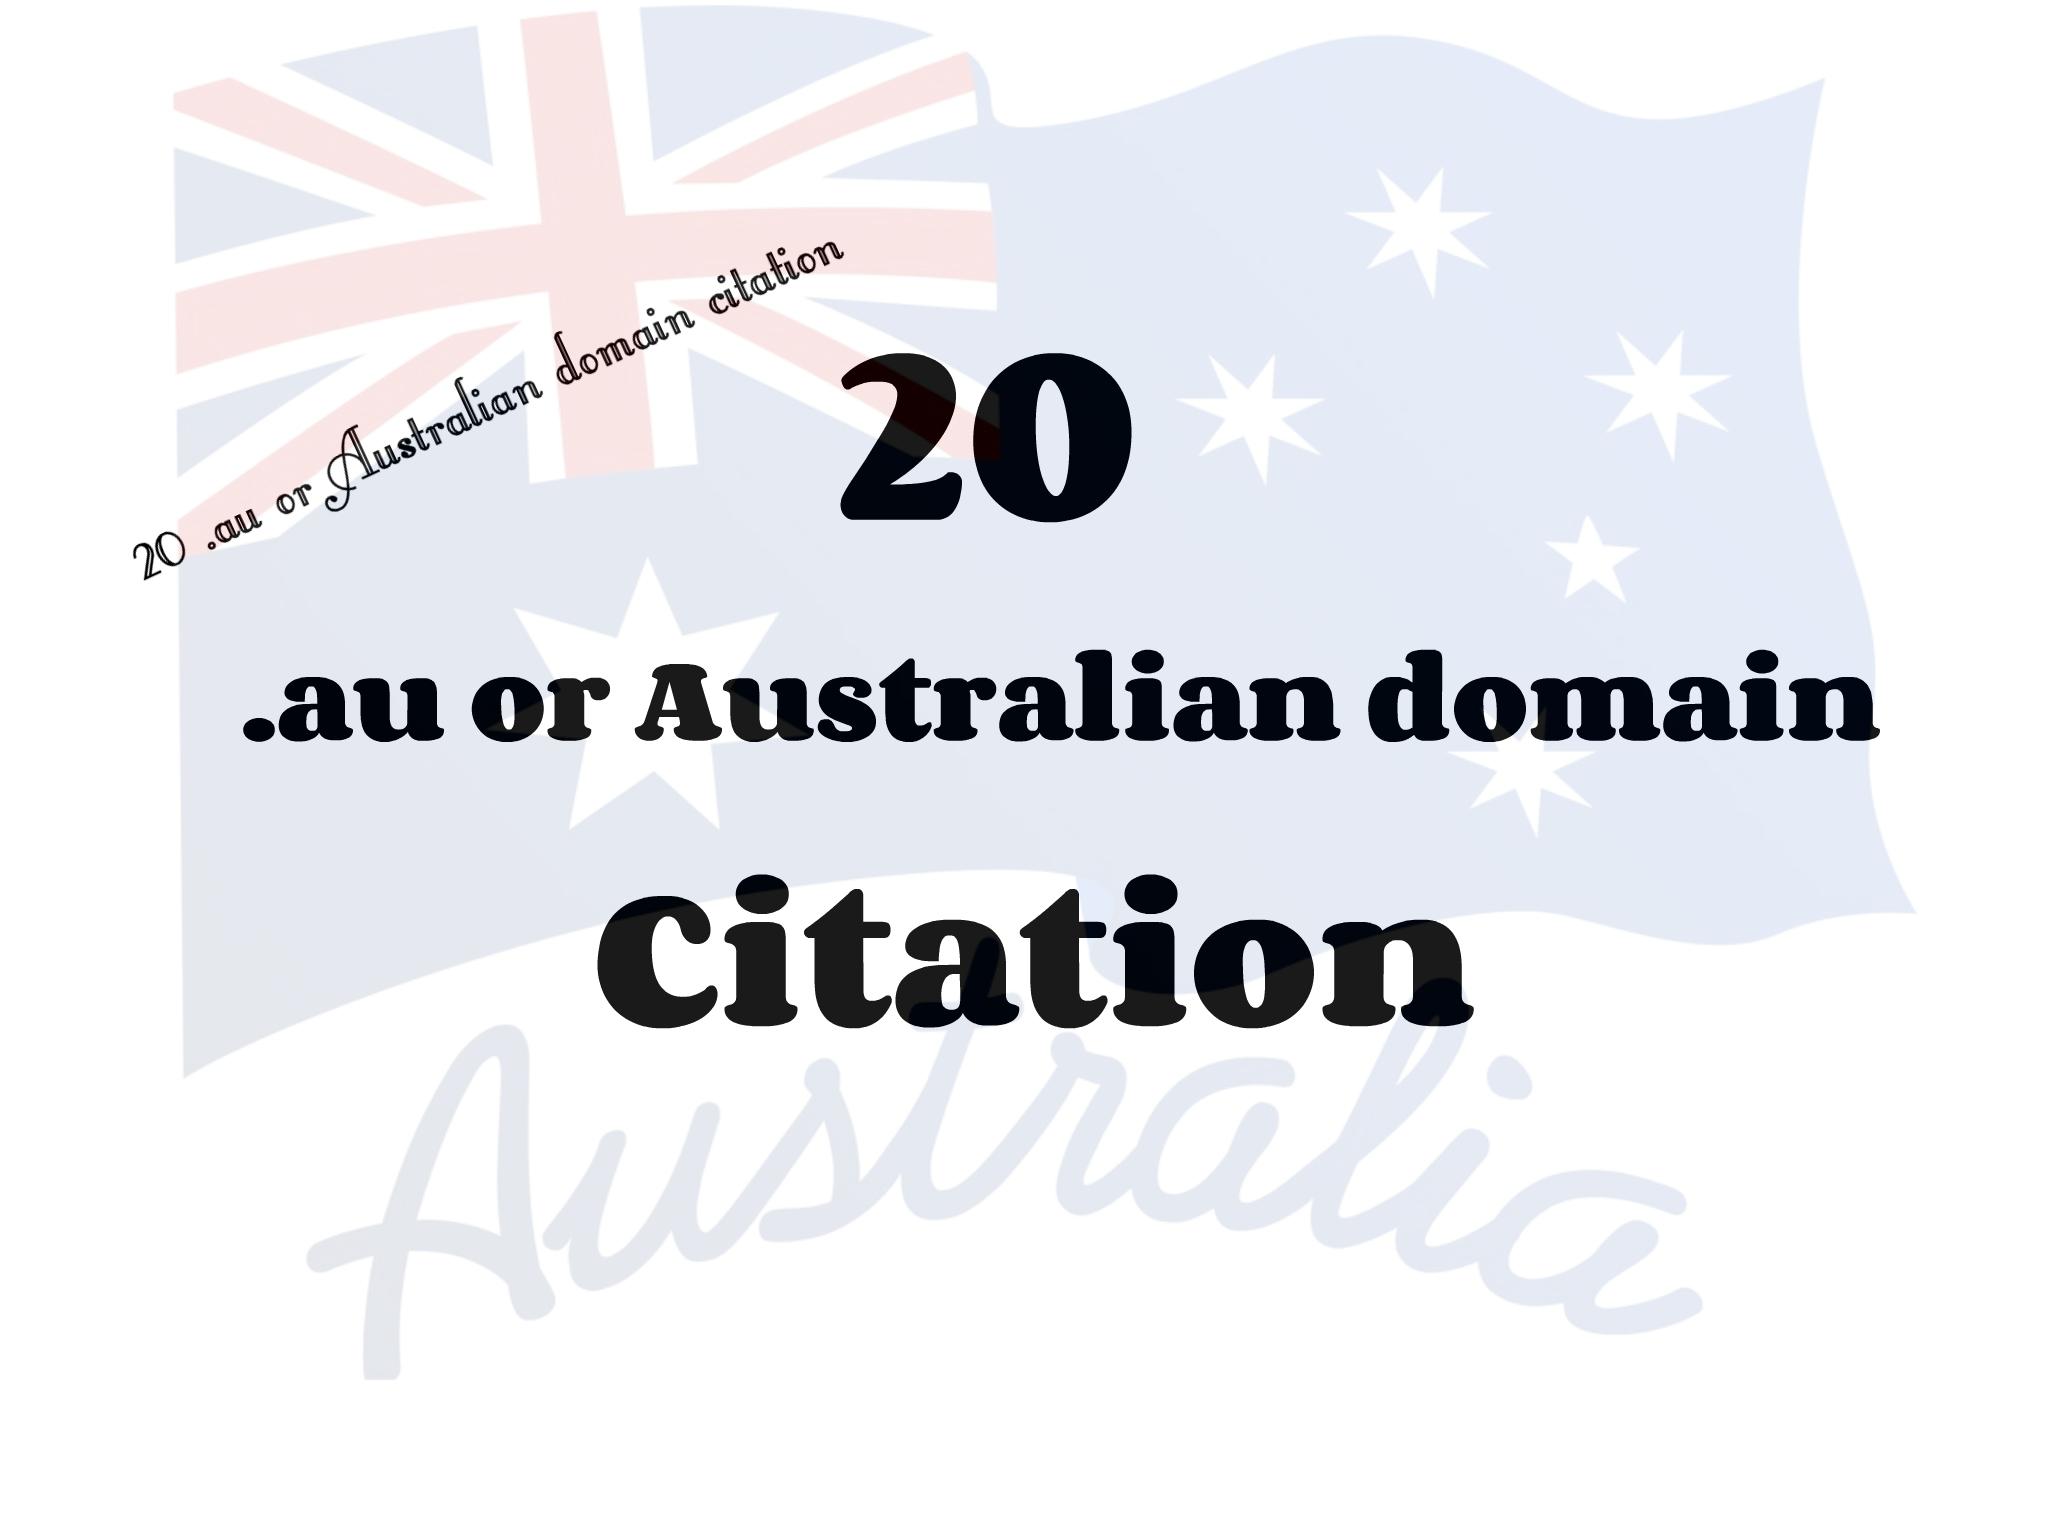 20. au or Australian domain Citation